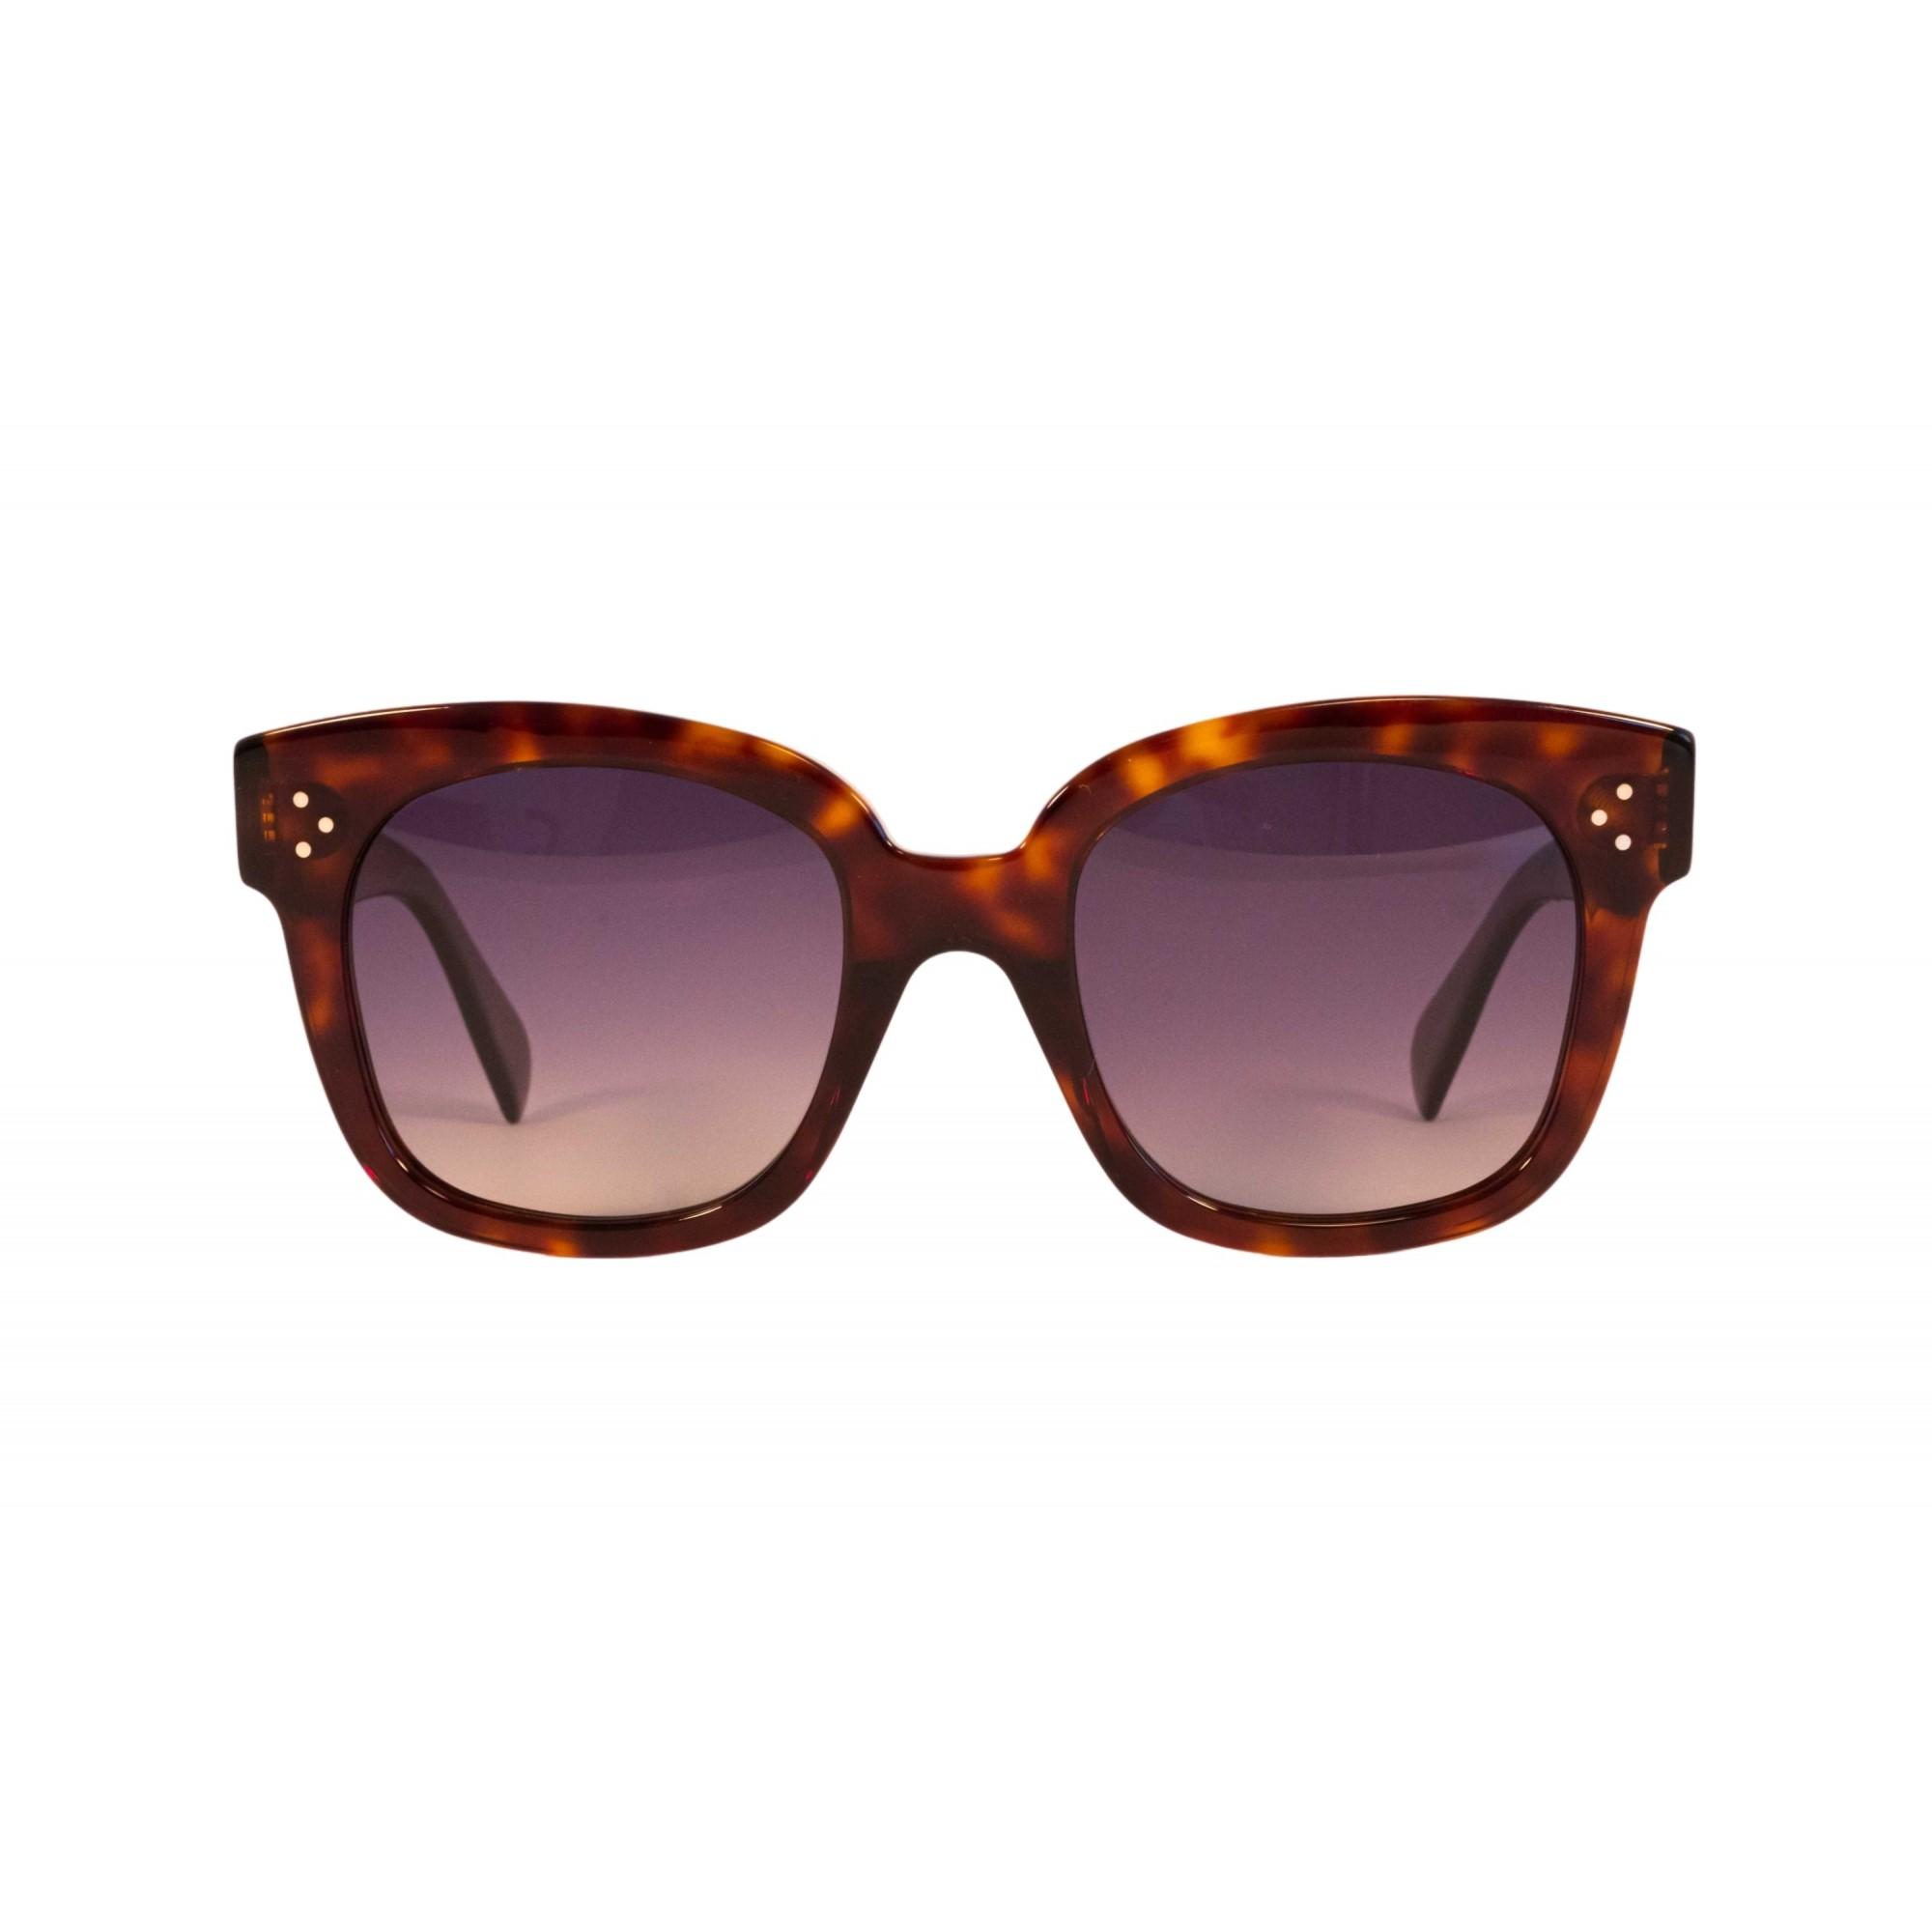 Óculos Celine Quadrado cl4002un 54d 54 Tartaruga